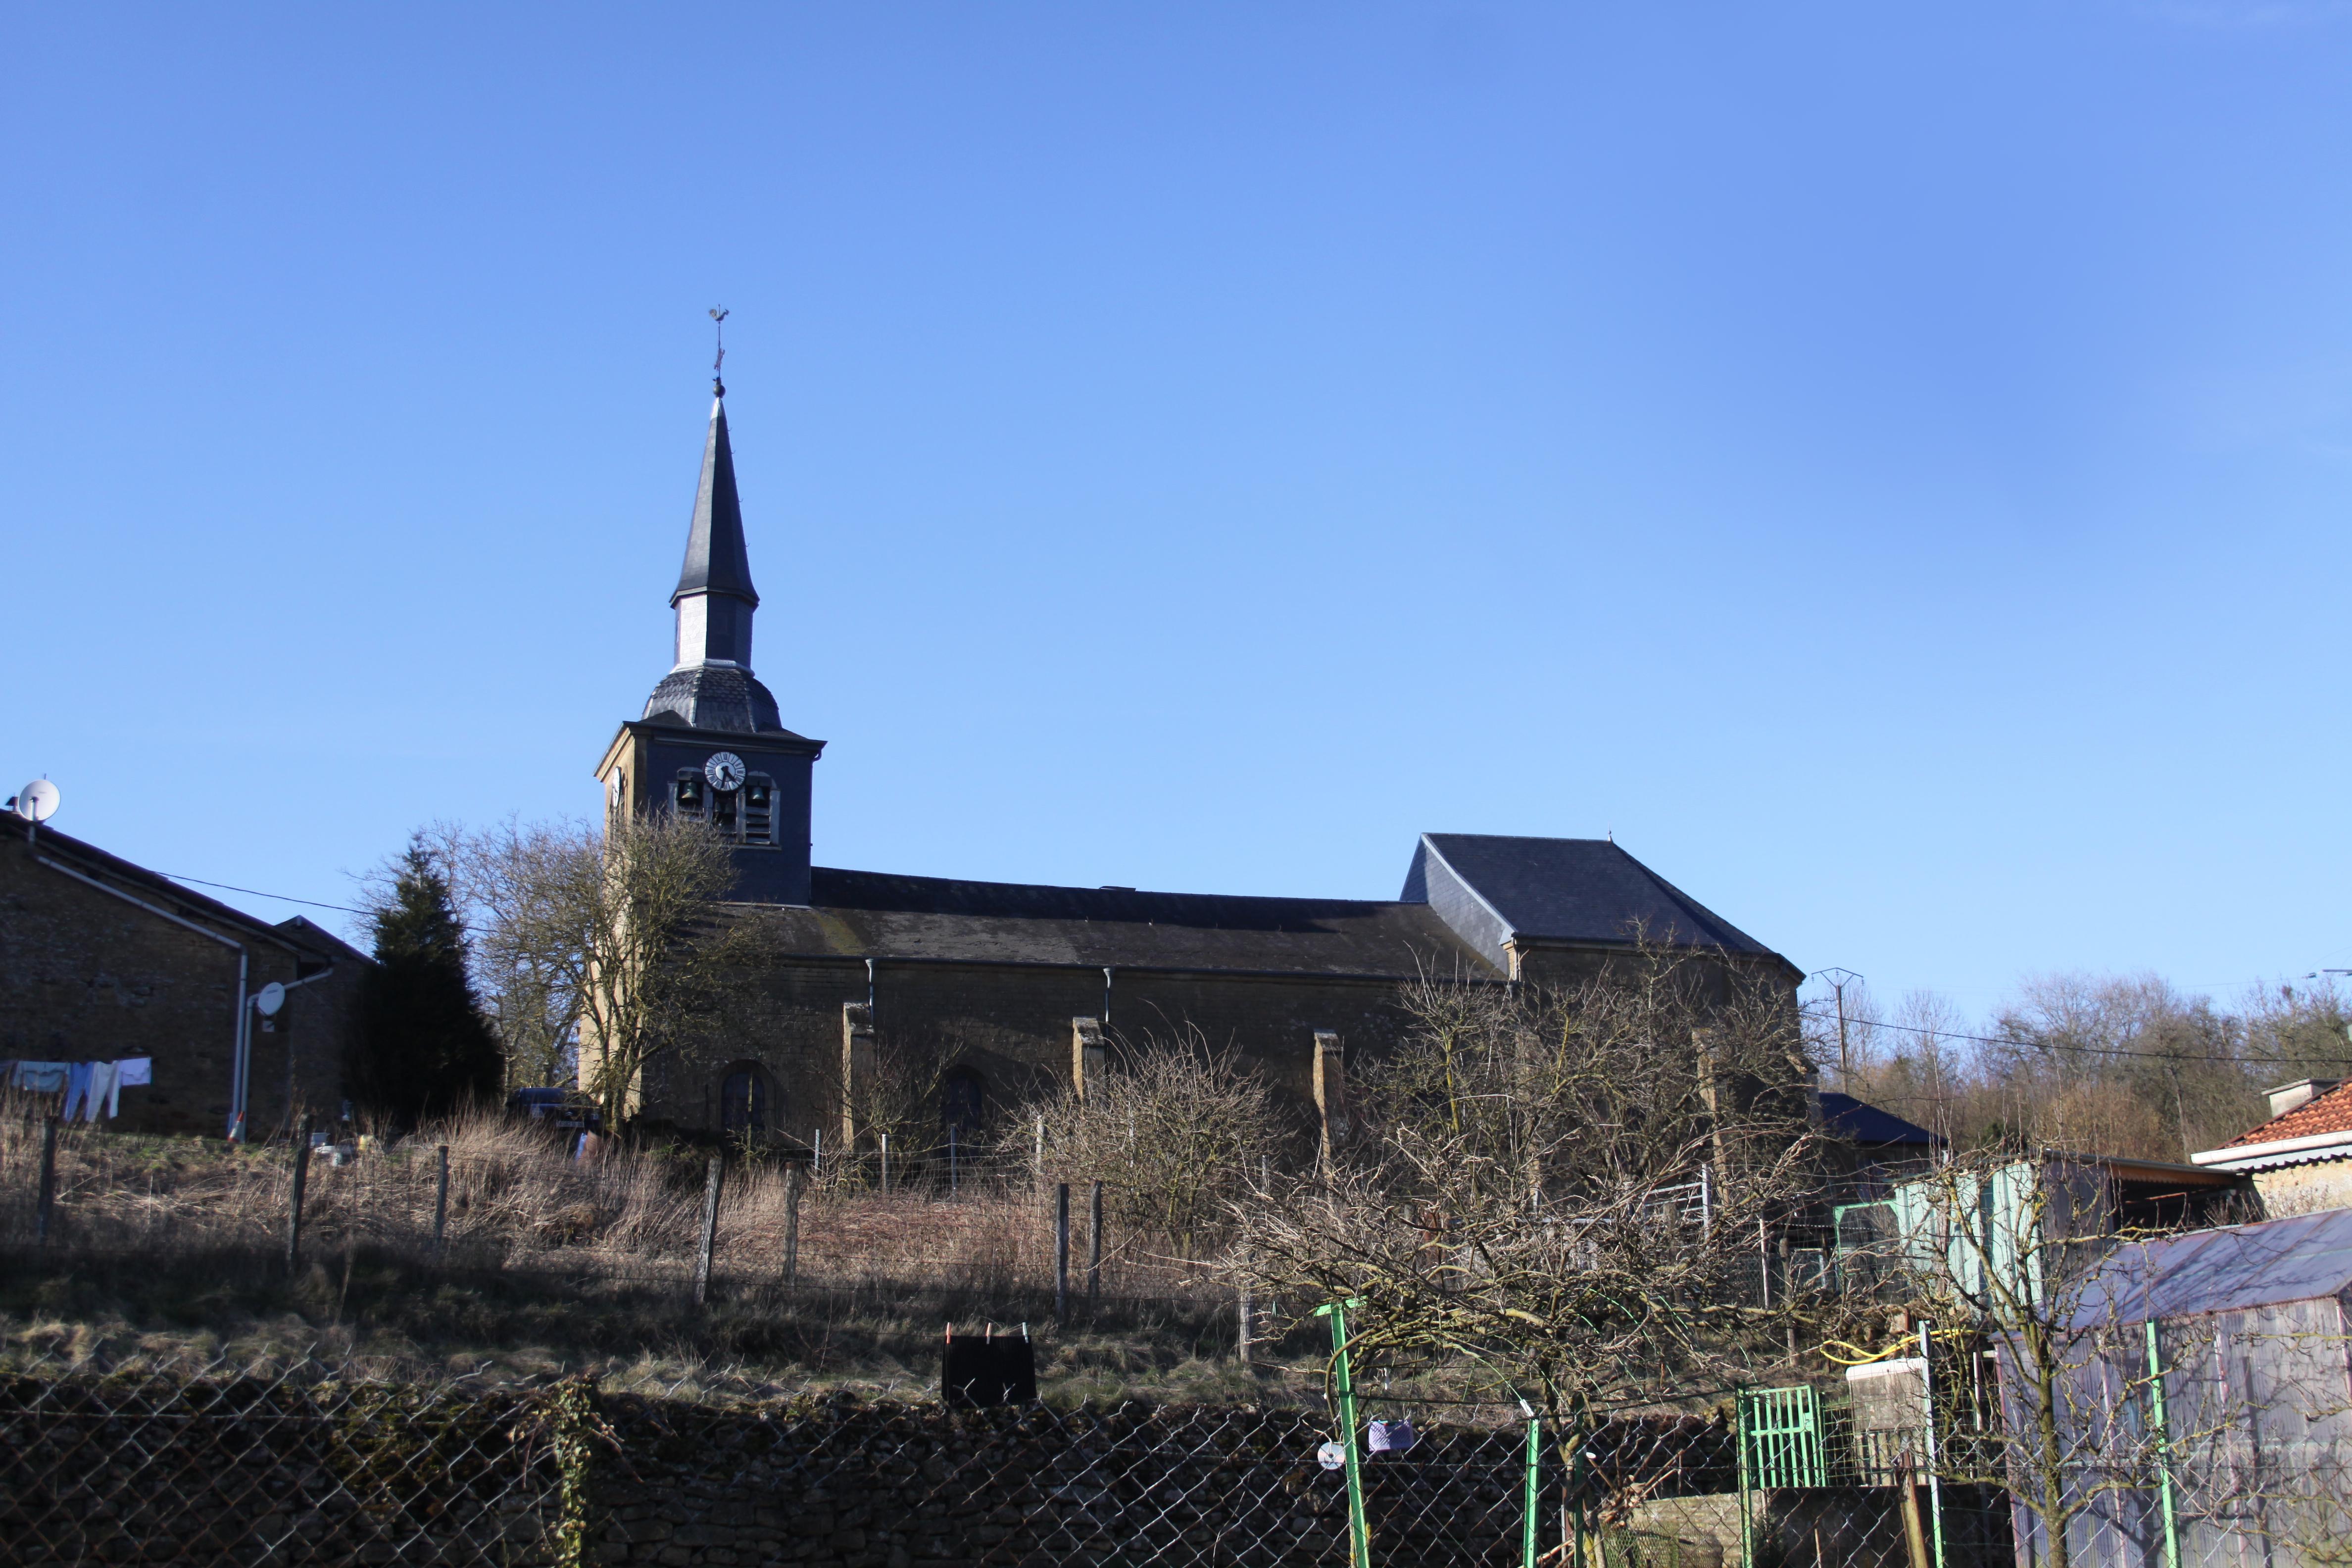 Bièvres, Ardennes